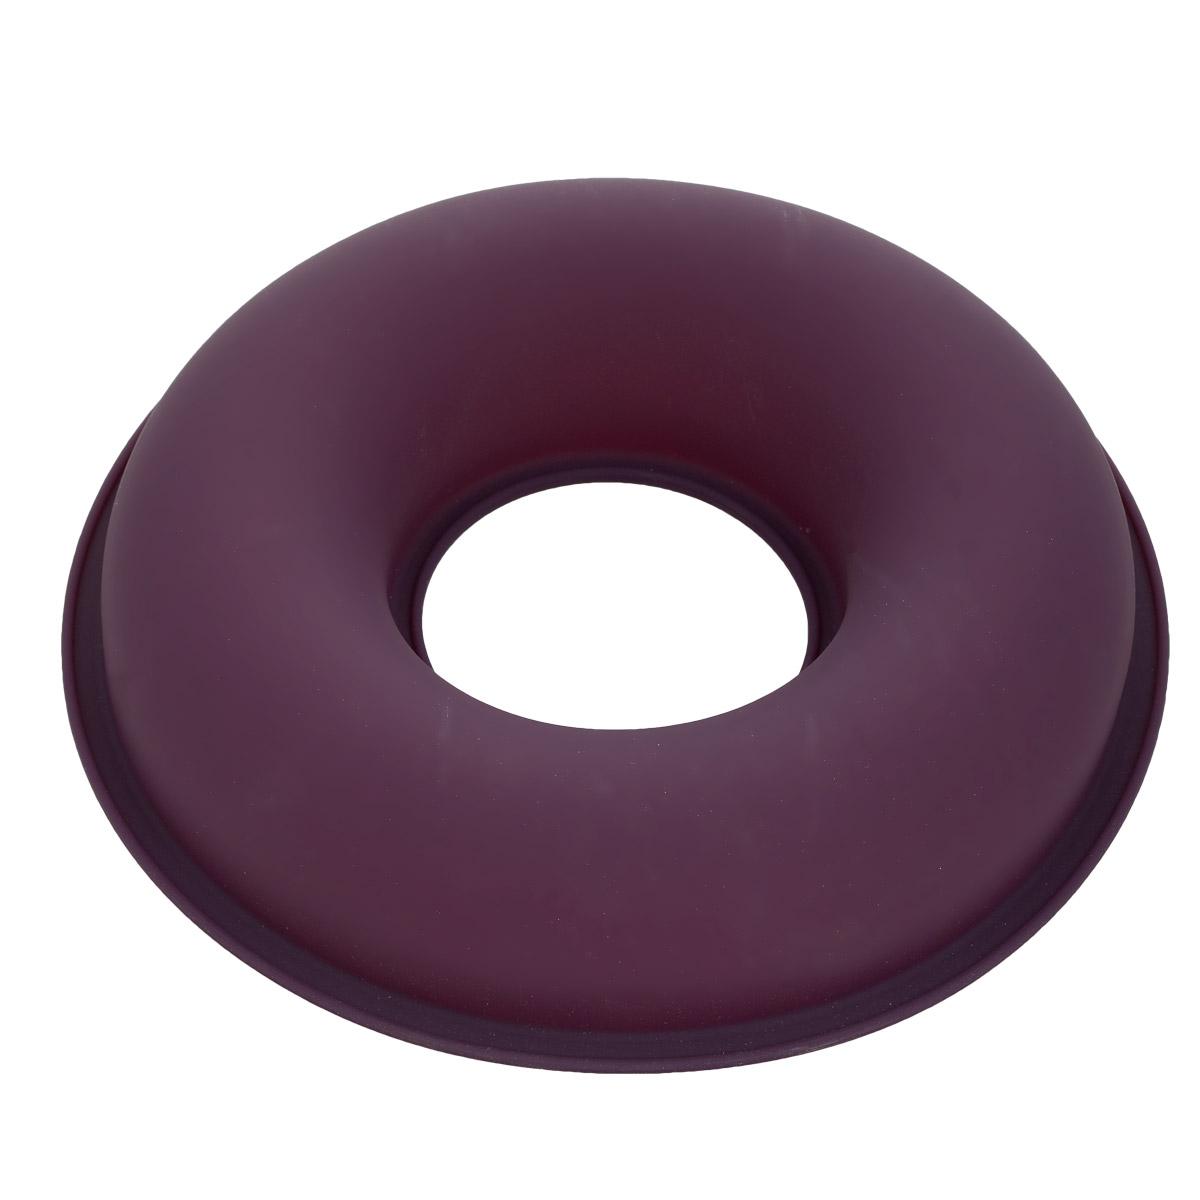 Форма для выпечки Bekker Круг, силиконовая, цвет: фиолетовый, диаметр 26,5 см94672Форма для выпечки Bekker Круг изготовлена из силикона. Силиконовые формы для выпечки имеют много преимуществ по сравнению с традиционными металлическими формами и противнями. Они идеально подходят для использования в микроволновых, газовых и электрических печах при температурах до +250°С; в случае заморозки до -50°С. Можно мыть в посудомоечной машине. За счет высокой теплопроводности силикона изделия выпекаются заметно быстрее. Благодаря гибкости и антиприлипающим свойствам силикона, готовое изделие легко извлекается из формы. Для этого достаточно отогнуть края и вывернуть форму (выпечке дайте немного остыть, а замороженный продукт лучше вынимать сразу). Силикон абсолютно безвреден для здоровья, не впитывает запахи, не оставляет пятен, легко моется.Форма для выпечки Bekker Круг - практичный и необходимый подарок любой хозяйке!